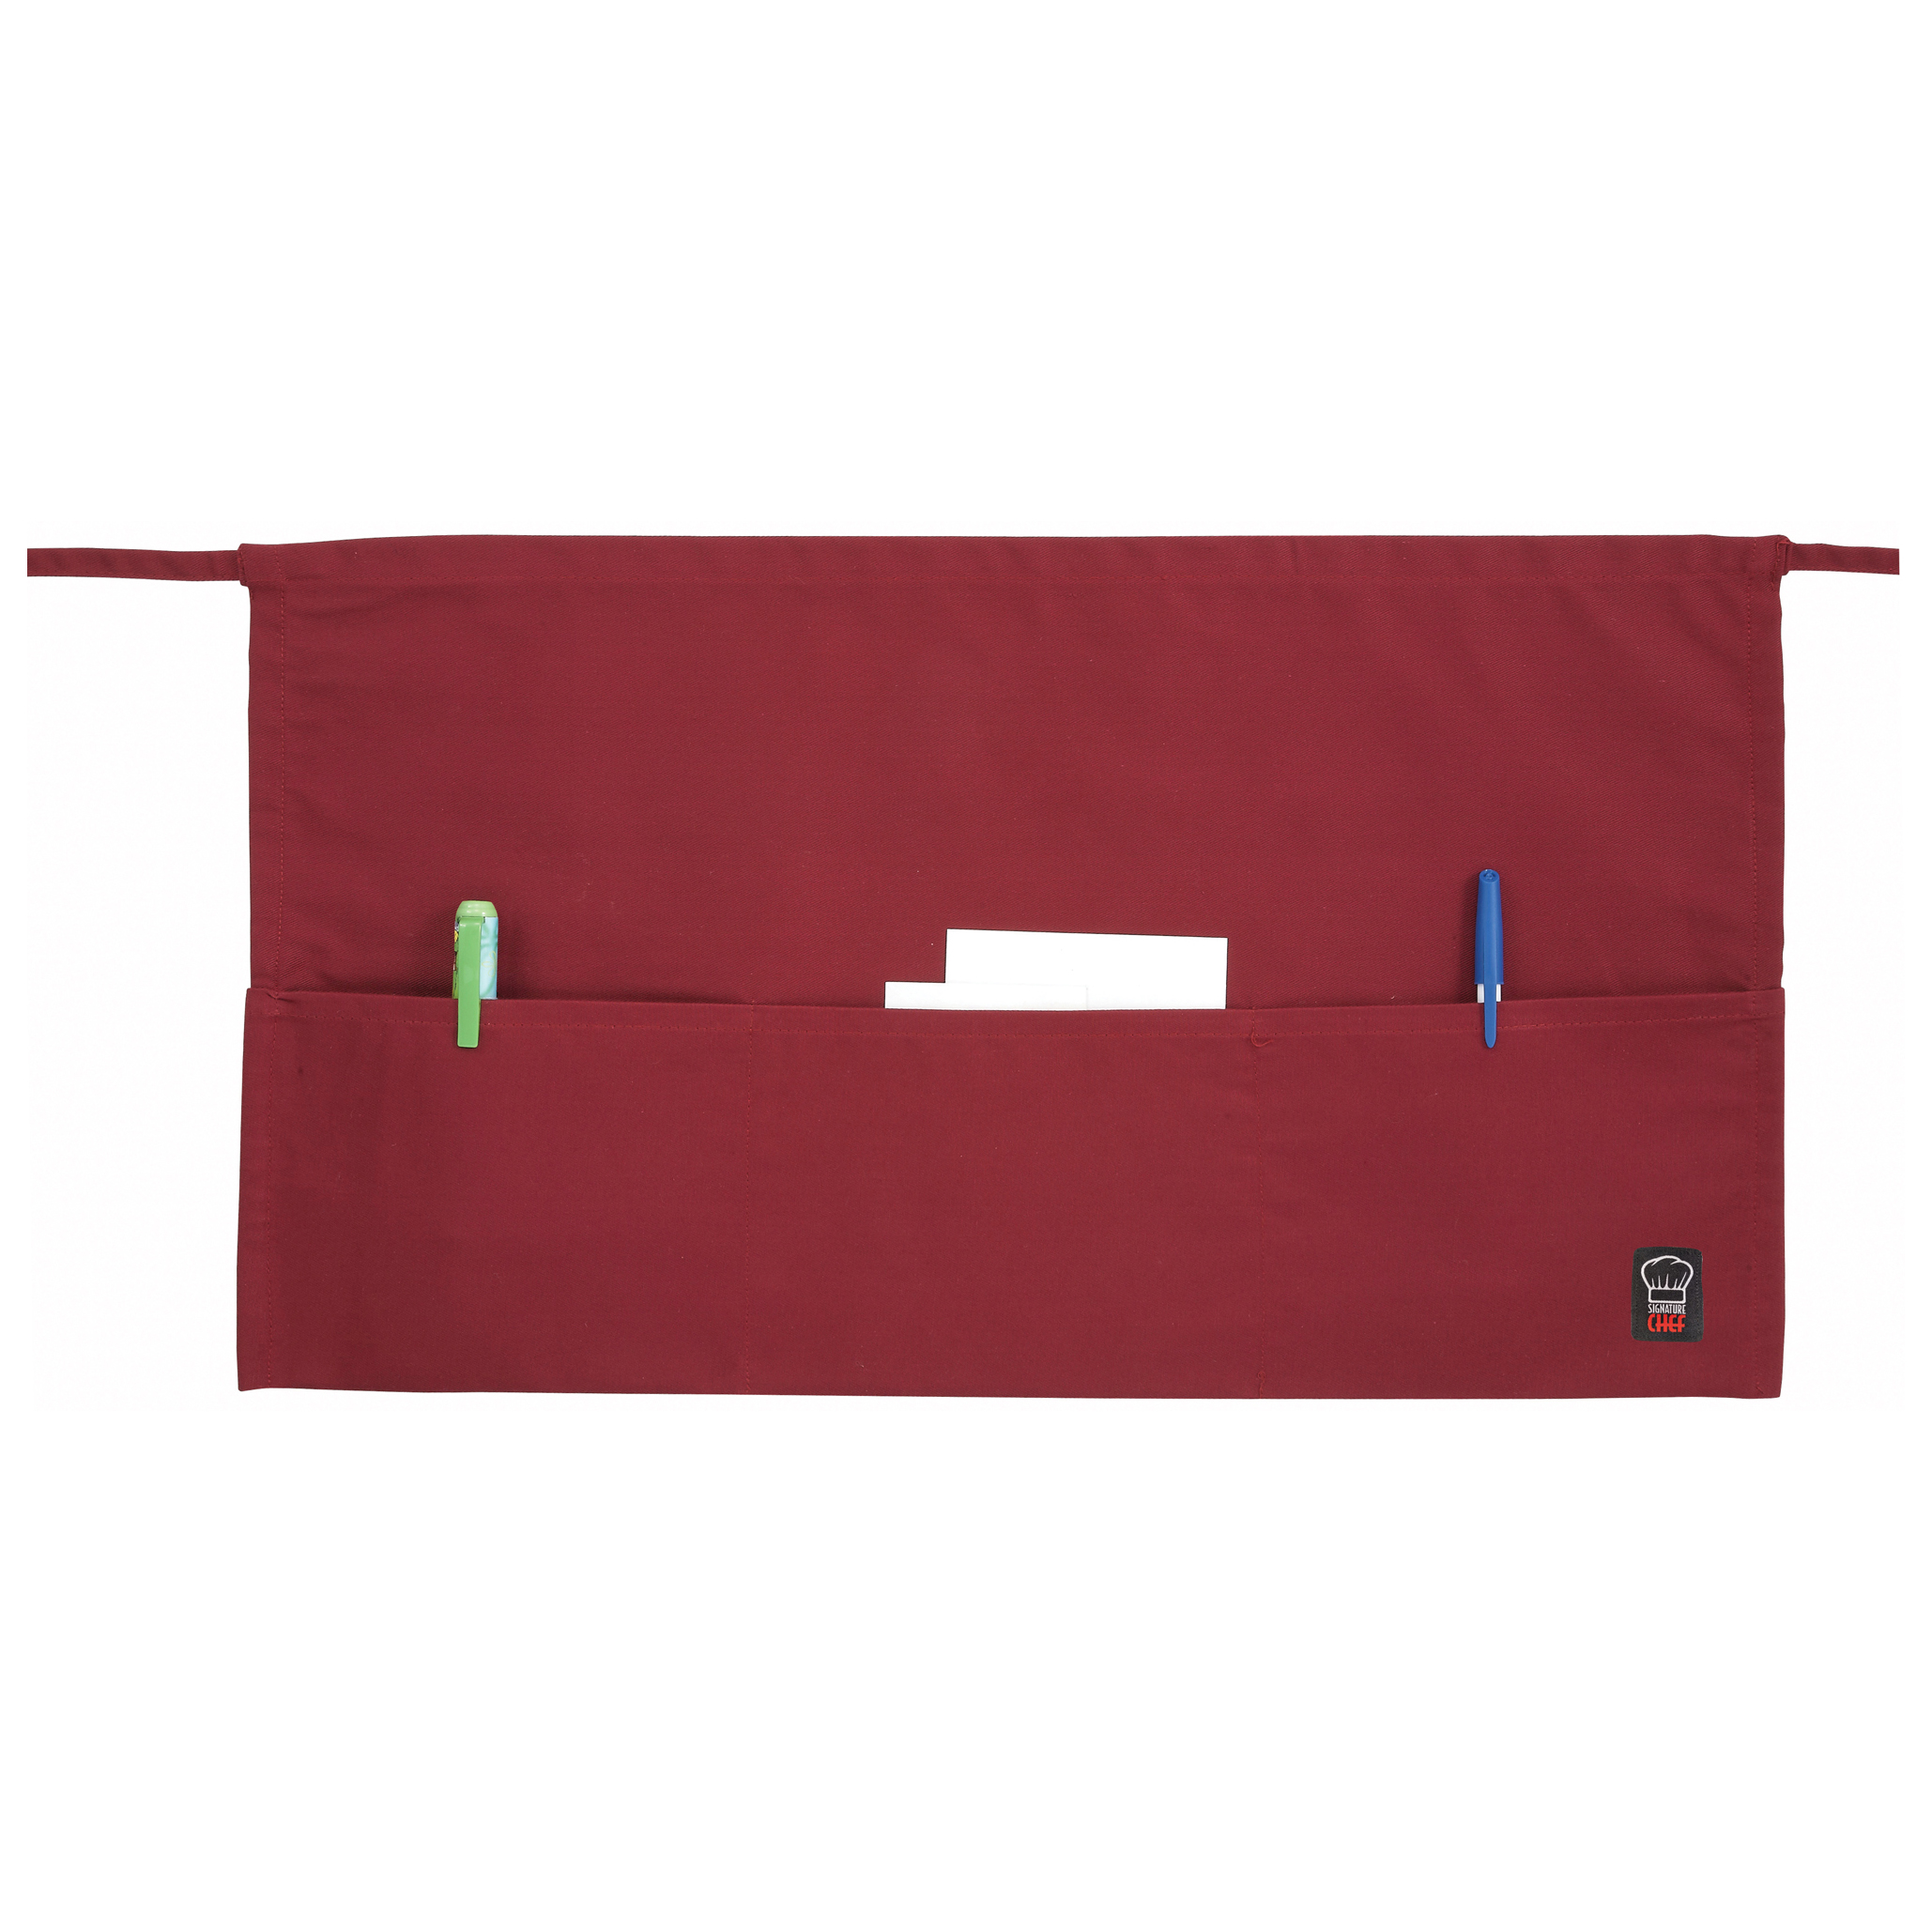 Winco WA-1221R waist apron